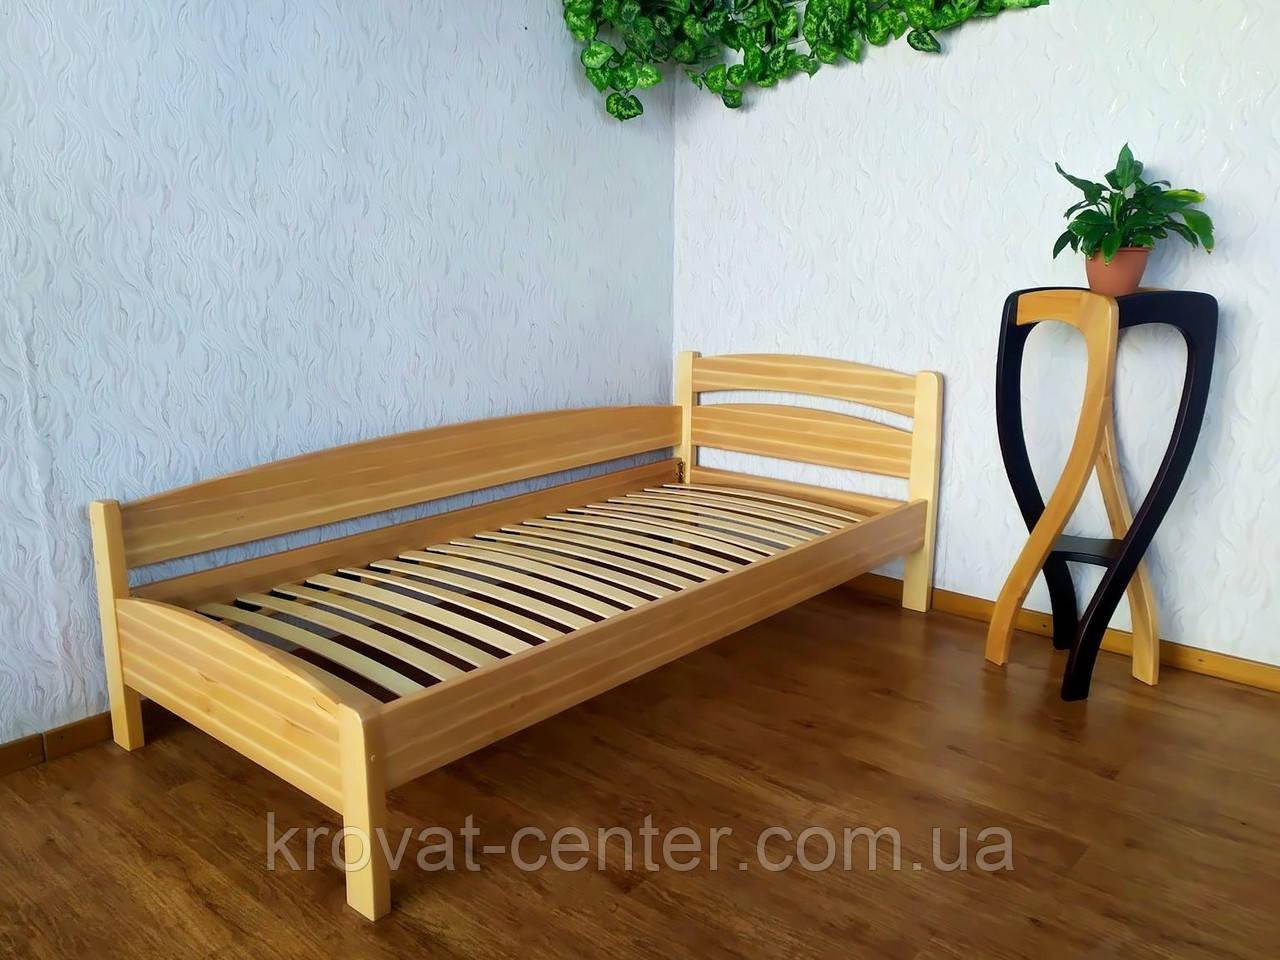 """Кровать односпальная из массива дерева """"Марта - 2"""" от производителя"""